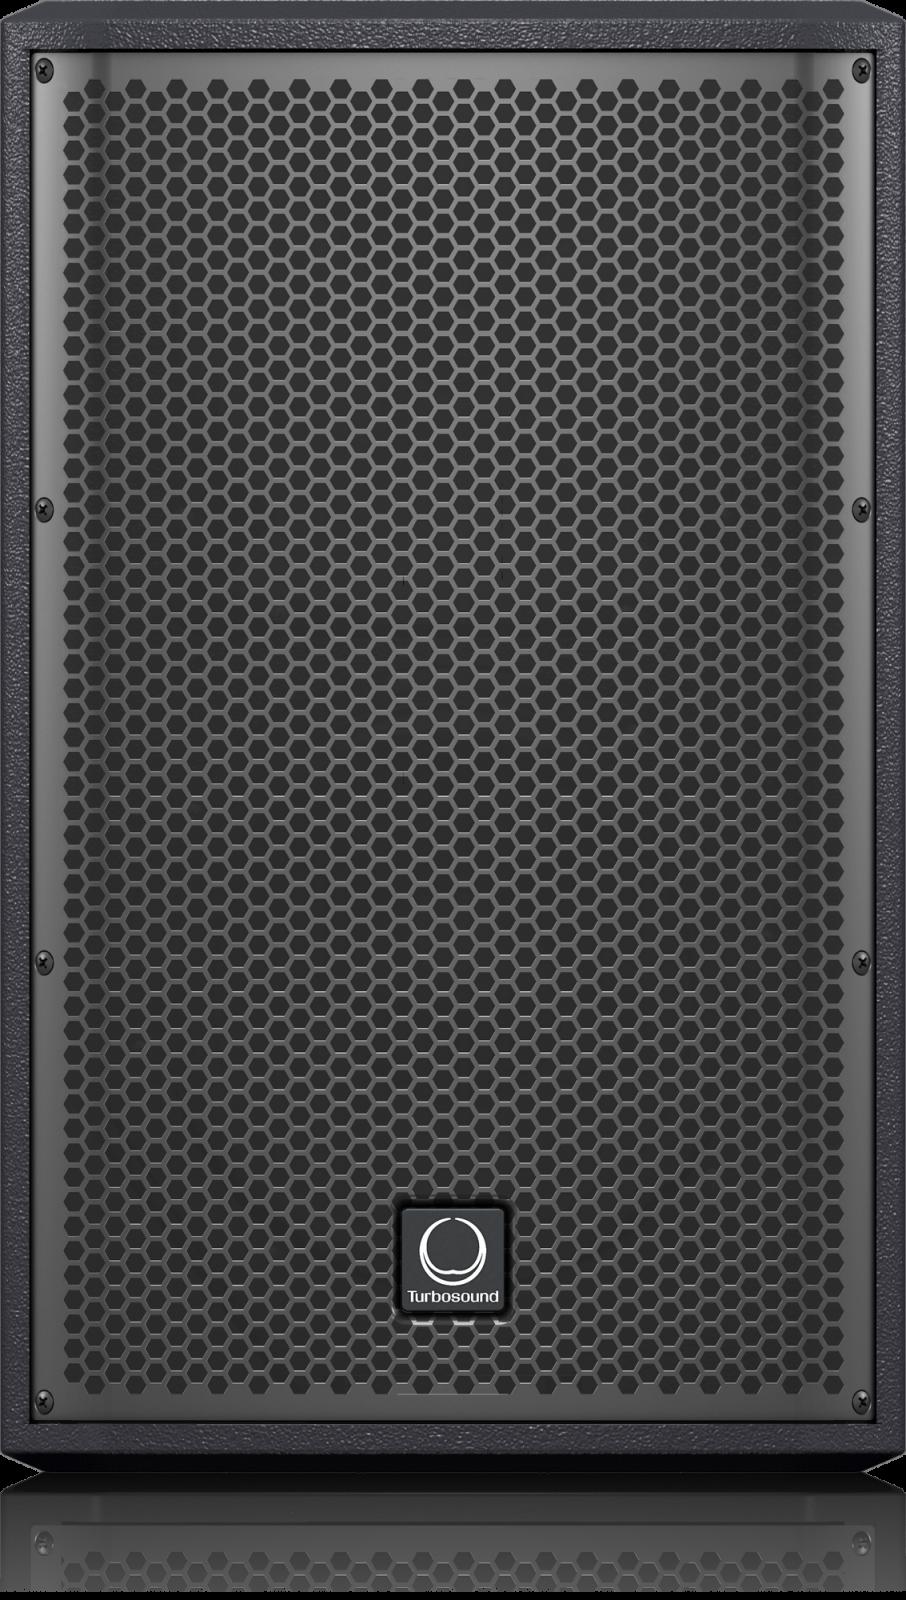 TURBOSOUND iNSPIRE IP82 PASSIVE SPEAKER 8 600 WATTS